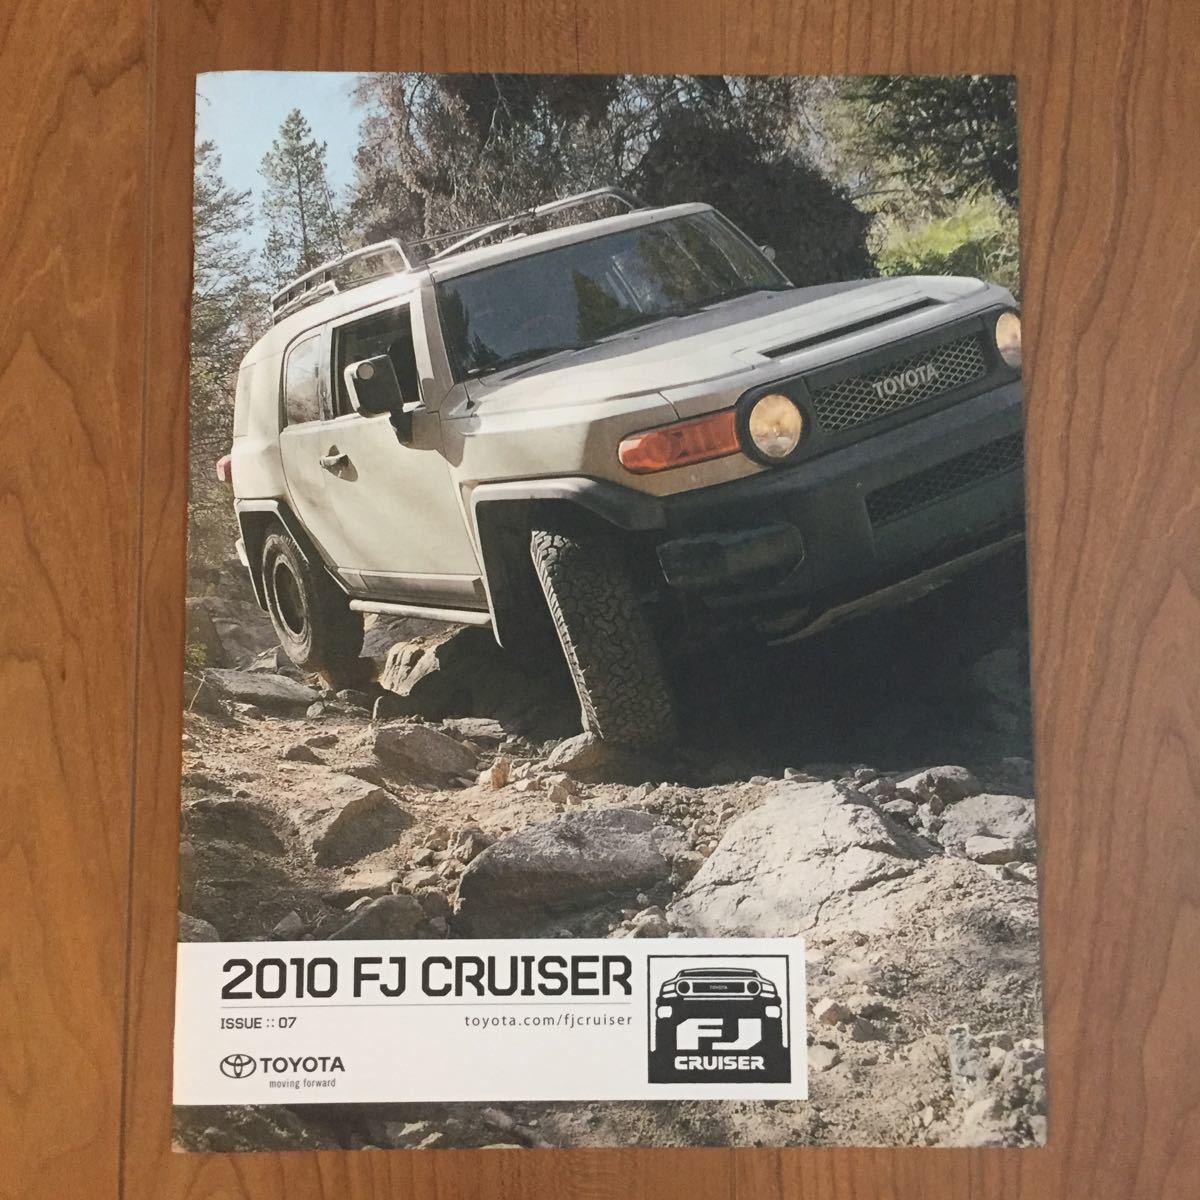 トヨタ FJ クルーザー 2010 カタログ US版